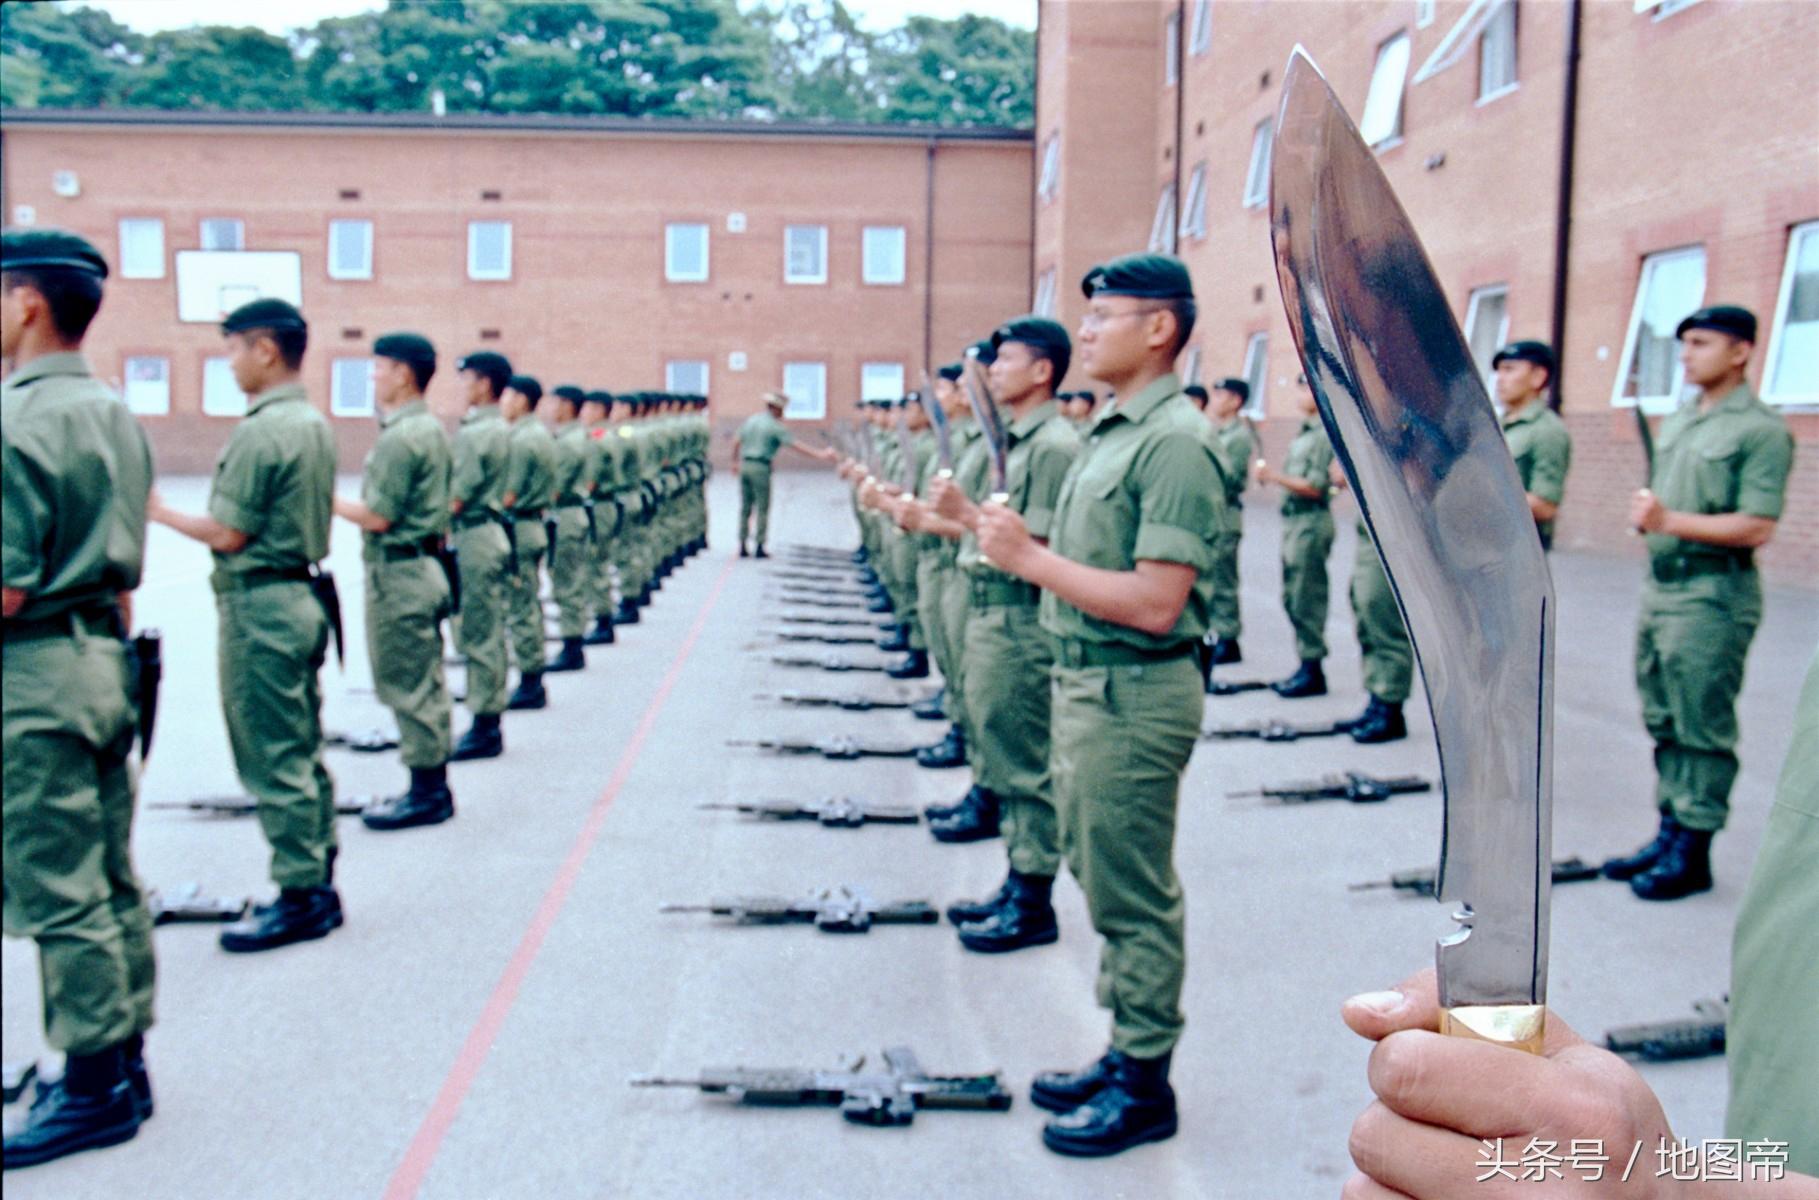 廓尔喀雇佣兵_印度每年从尼泊尔征雇佣兵,如今保有数万廓尔喀军人.